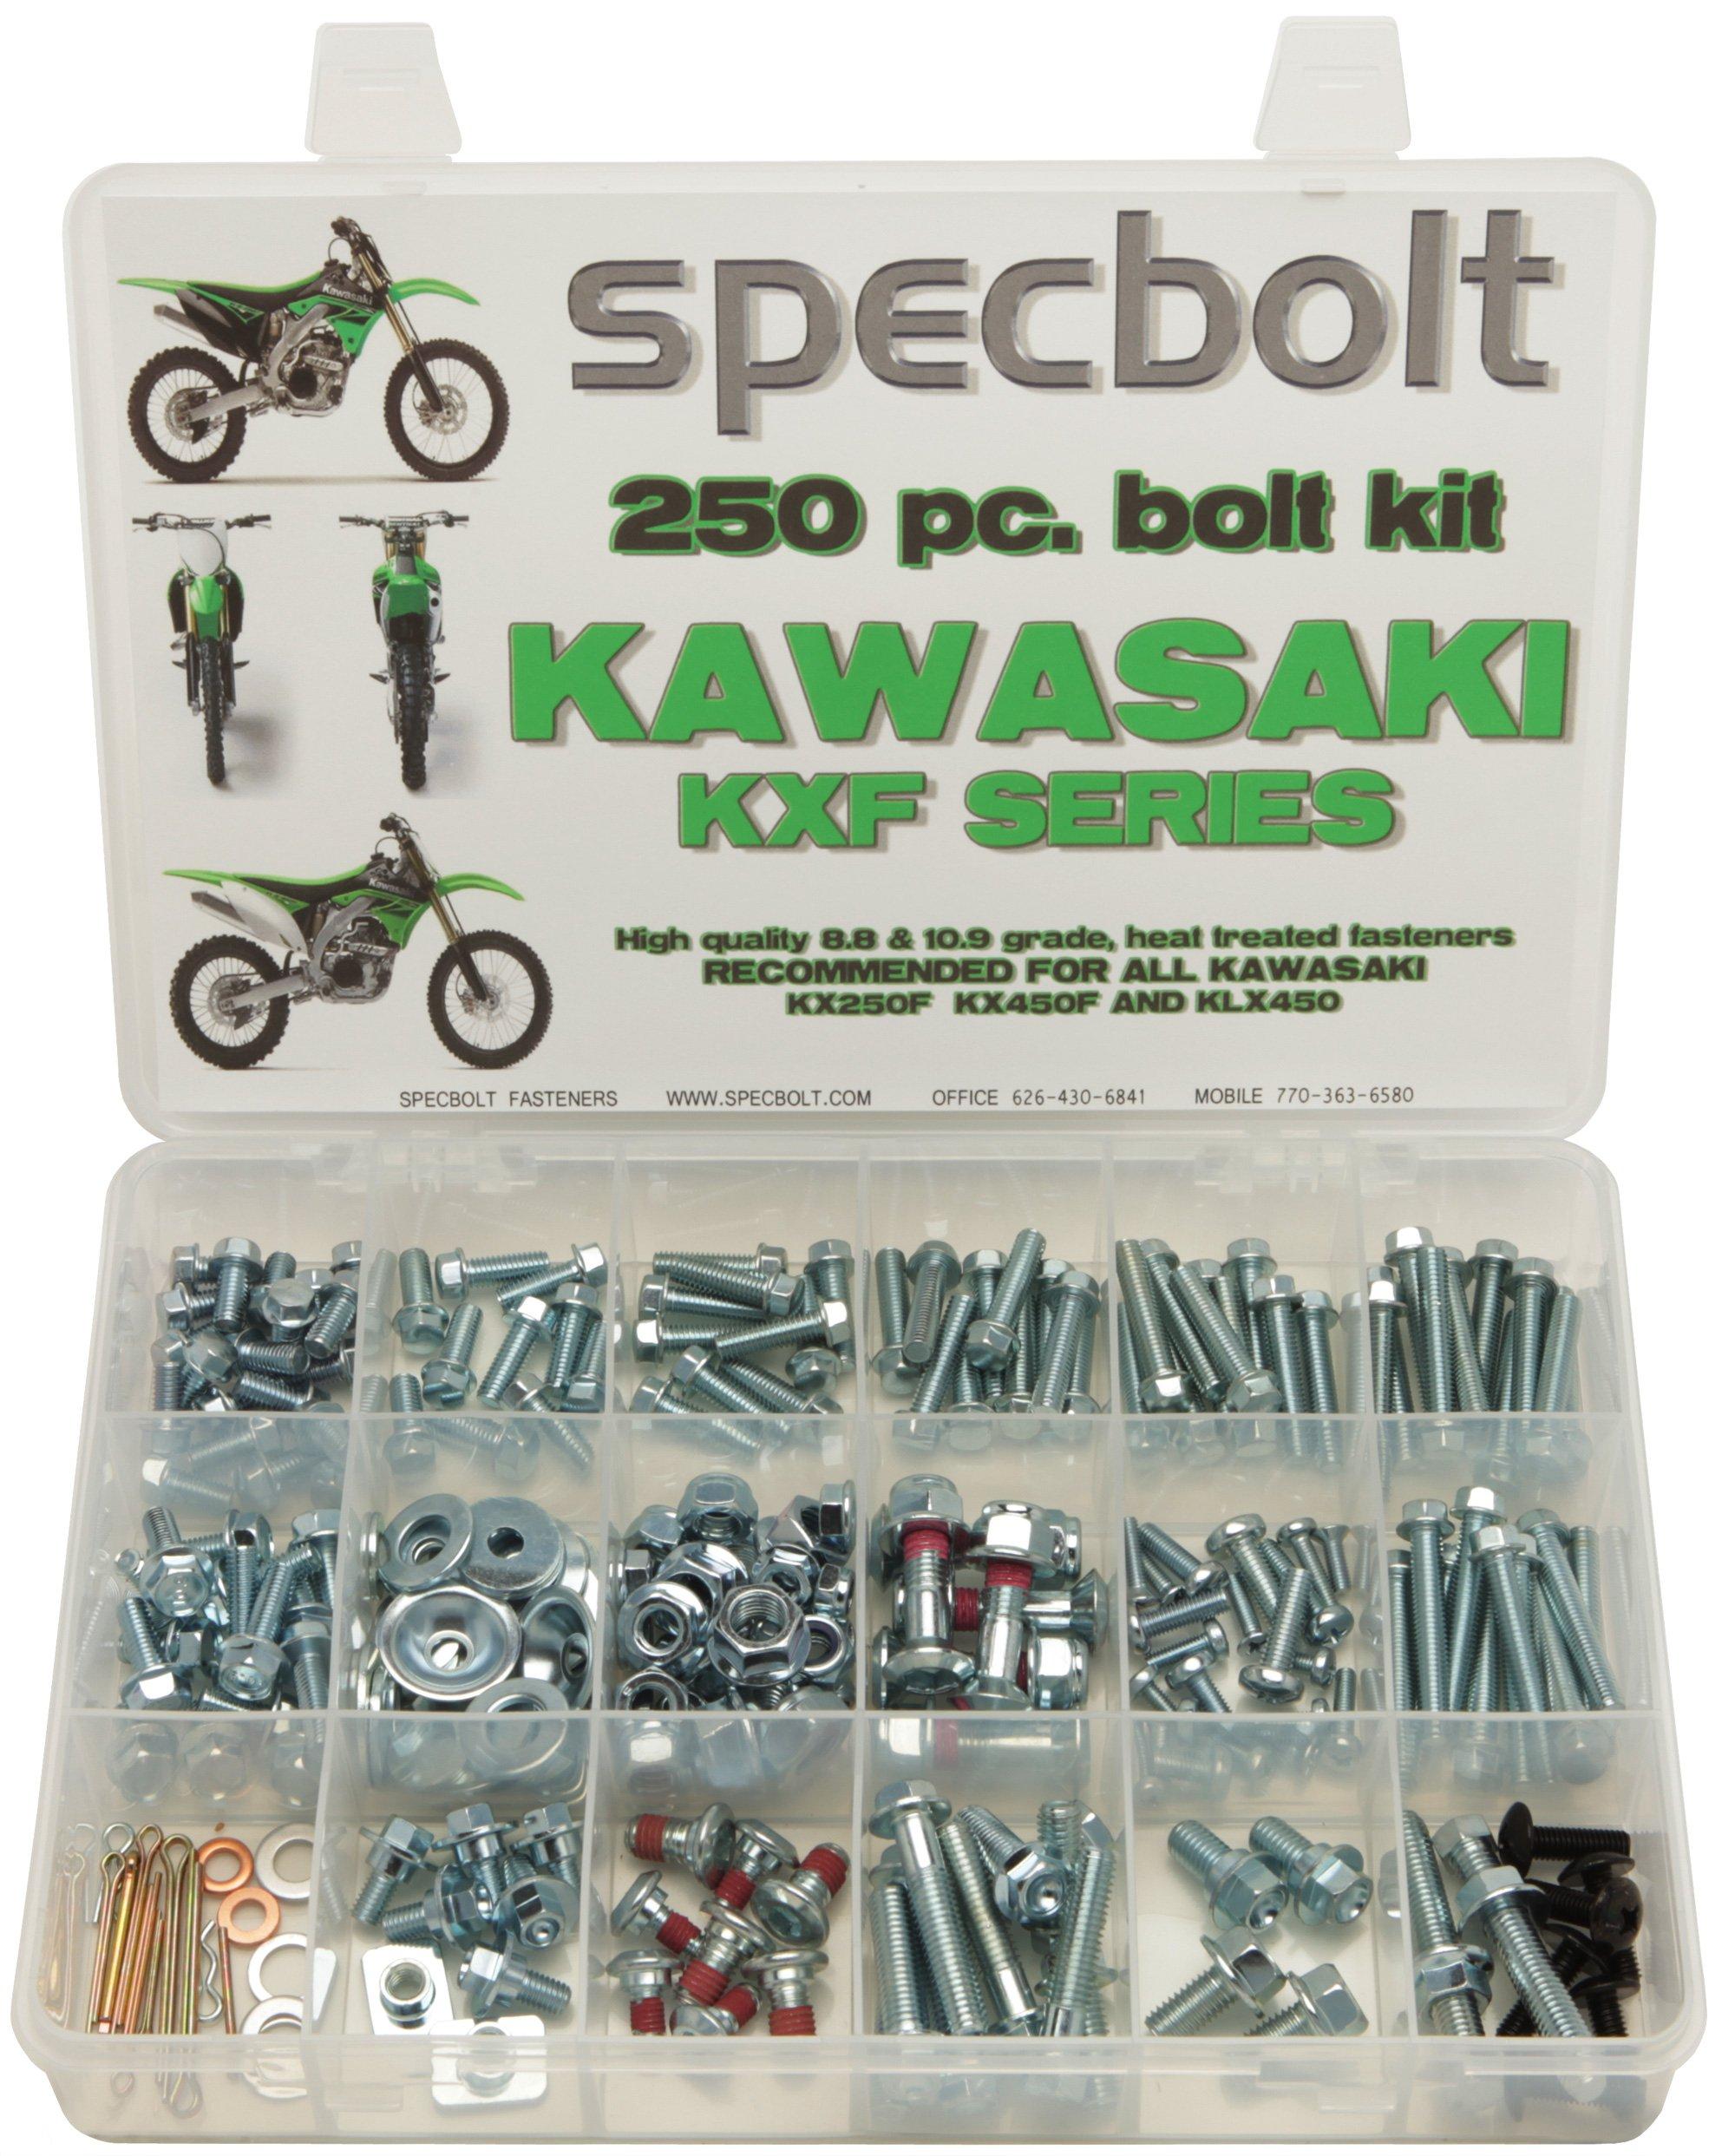 250pc Specbolt Kawasaki KXF 250 450 four stroke Bolt Kit for Maintenance & Restoration of MX Dirtbike OEM Spec Fastener KX250F KX450F KXF250 KXF450